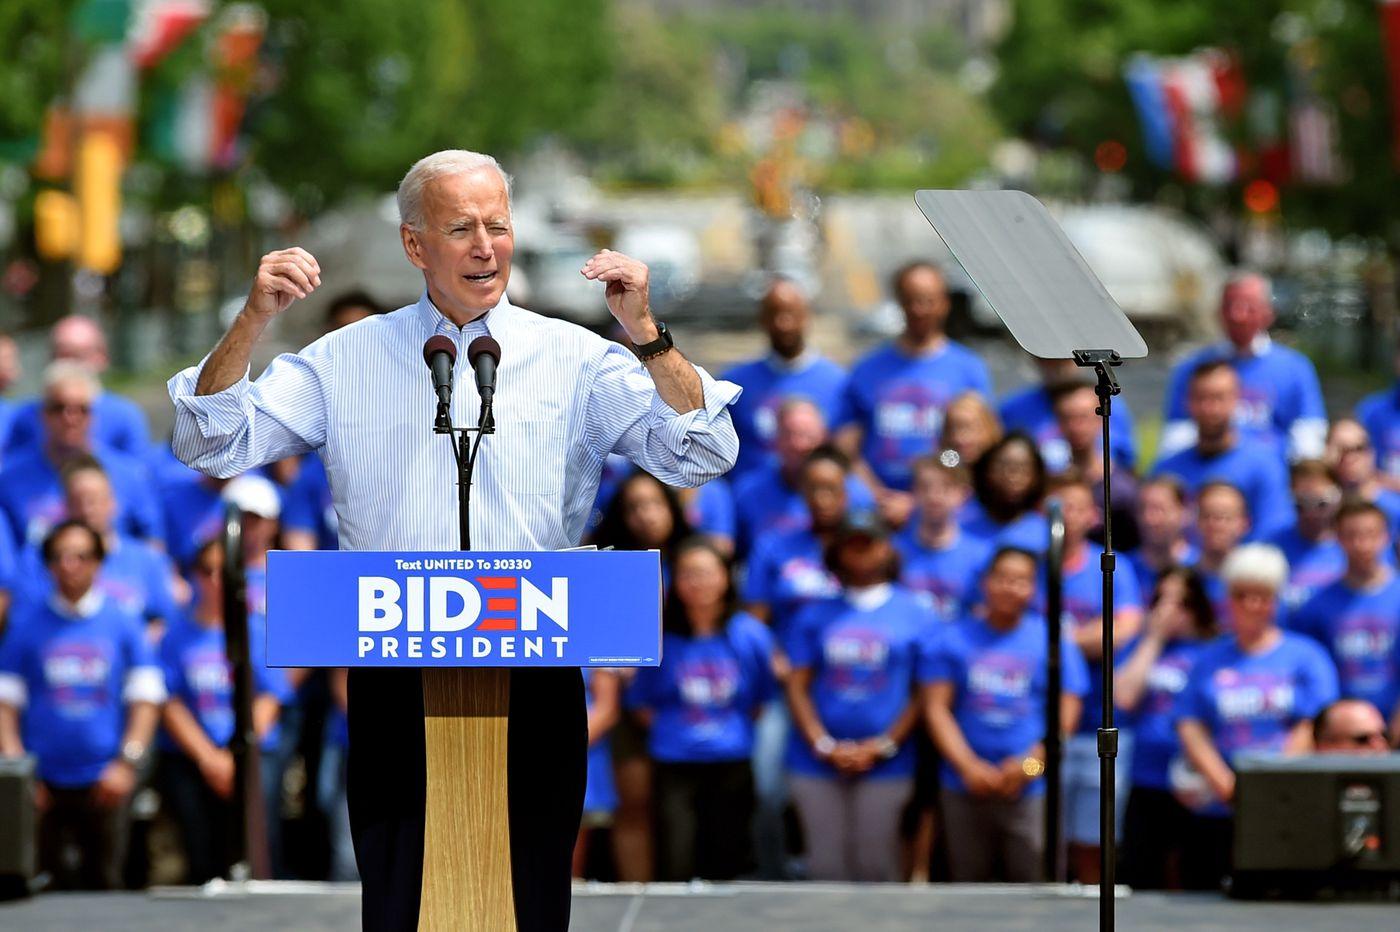 Predsednički kandidat Demokratske stranke, Džozef Bajden, tokom mitinga u Filadelfiji u maju 2020. (Foto: Tom Gralish/Staff Photographer/Philadelphia Media Network)